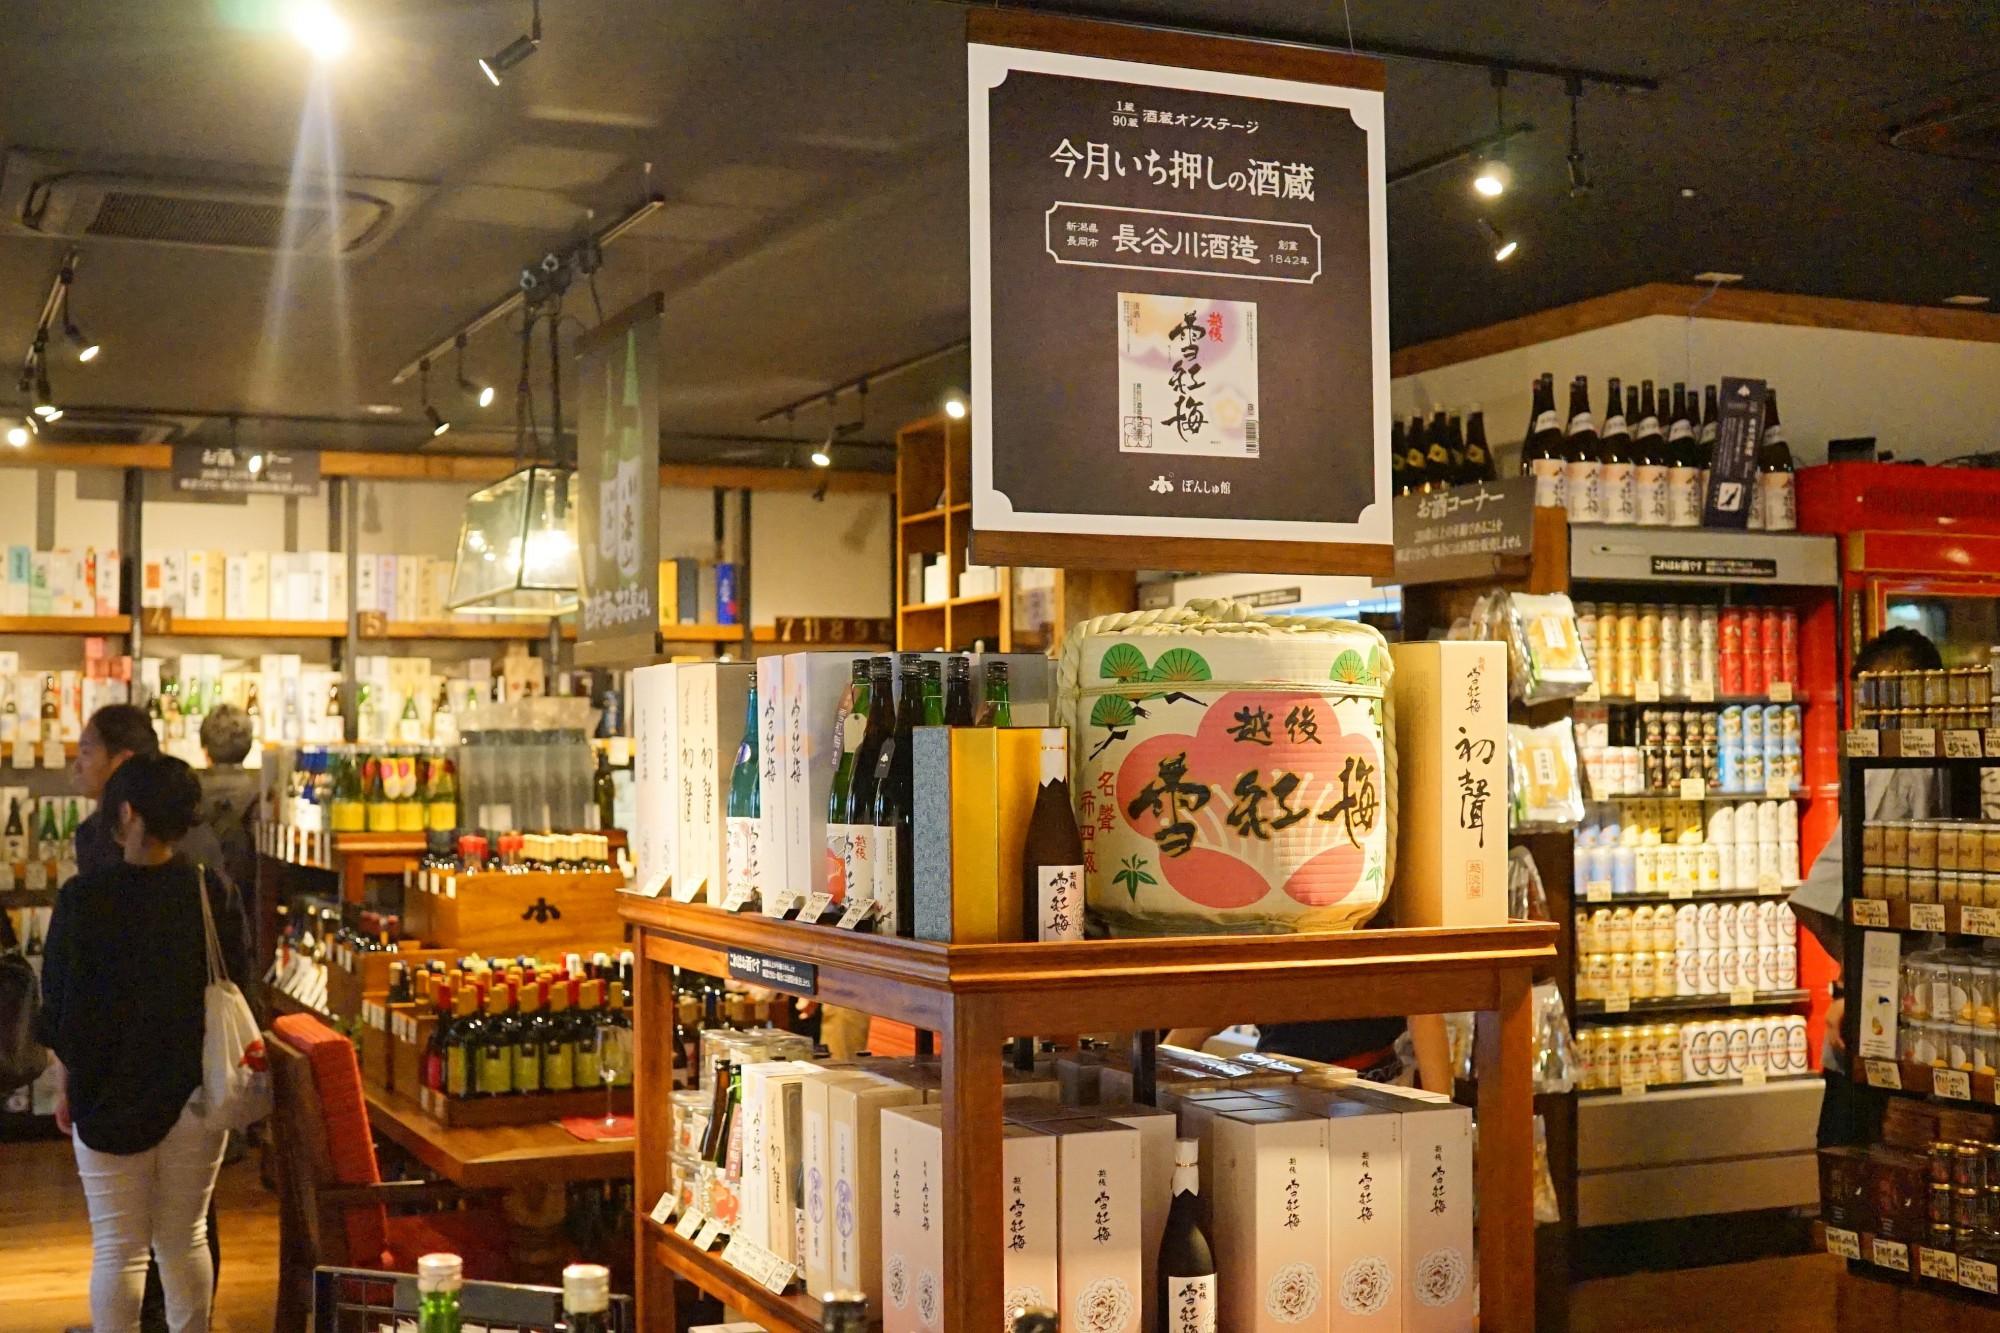 「今月いち押しの酒蔵」紹介ブースでは、長谷川酒造を紹介。今後、長岡の酒蔵を1つずつフィーチャーしていくそうです。